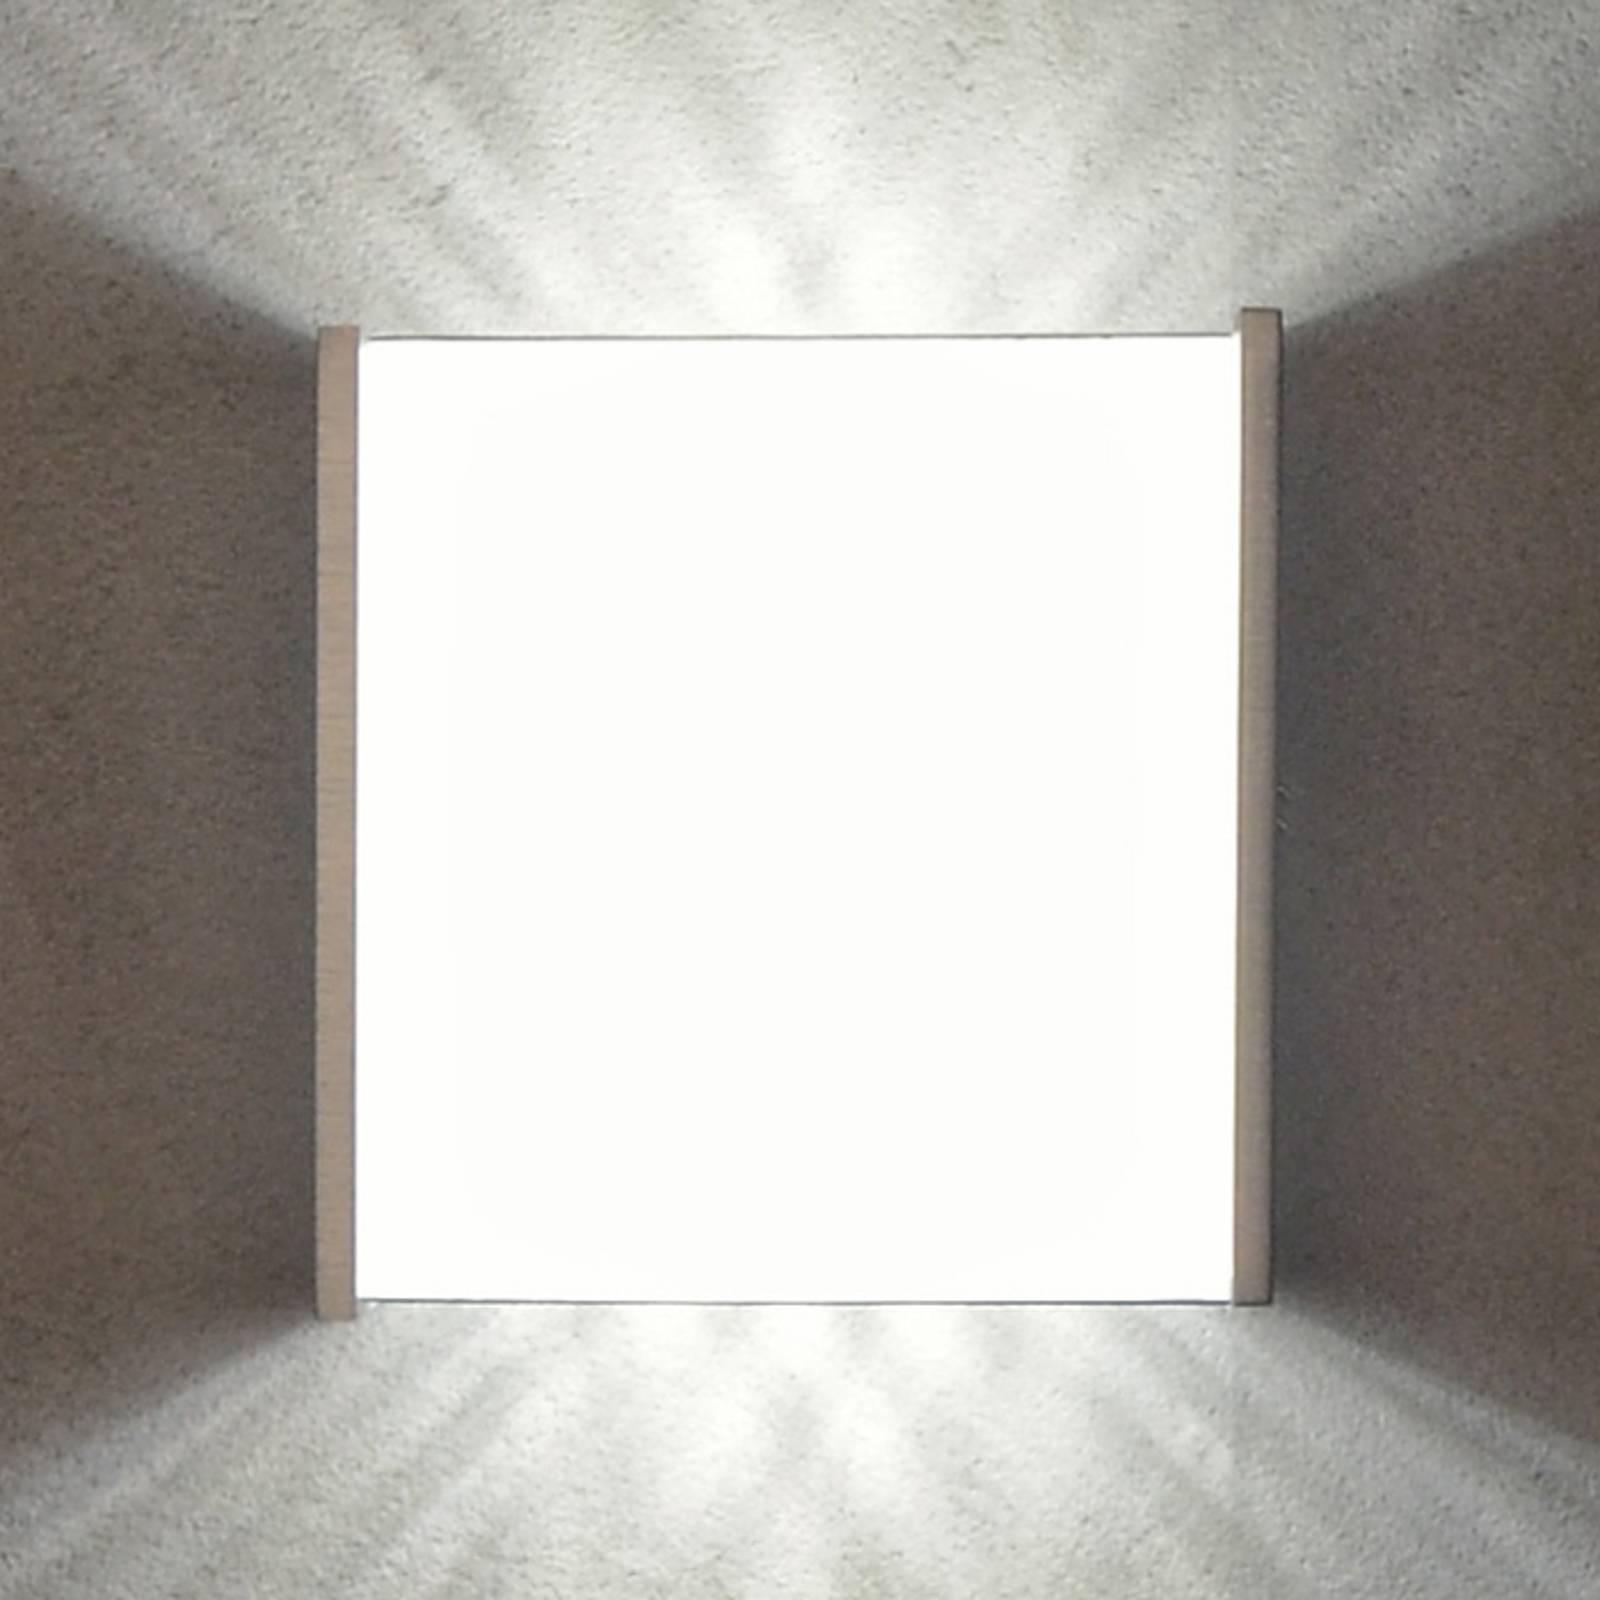 Applique LED Box